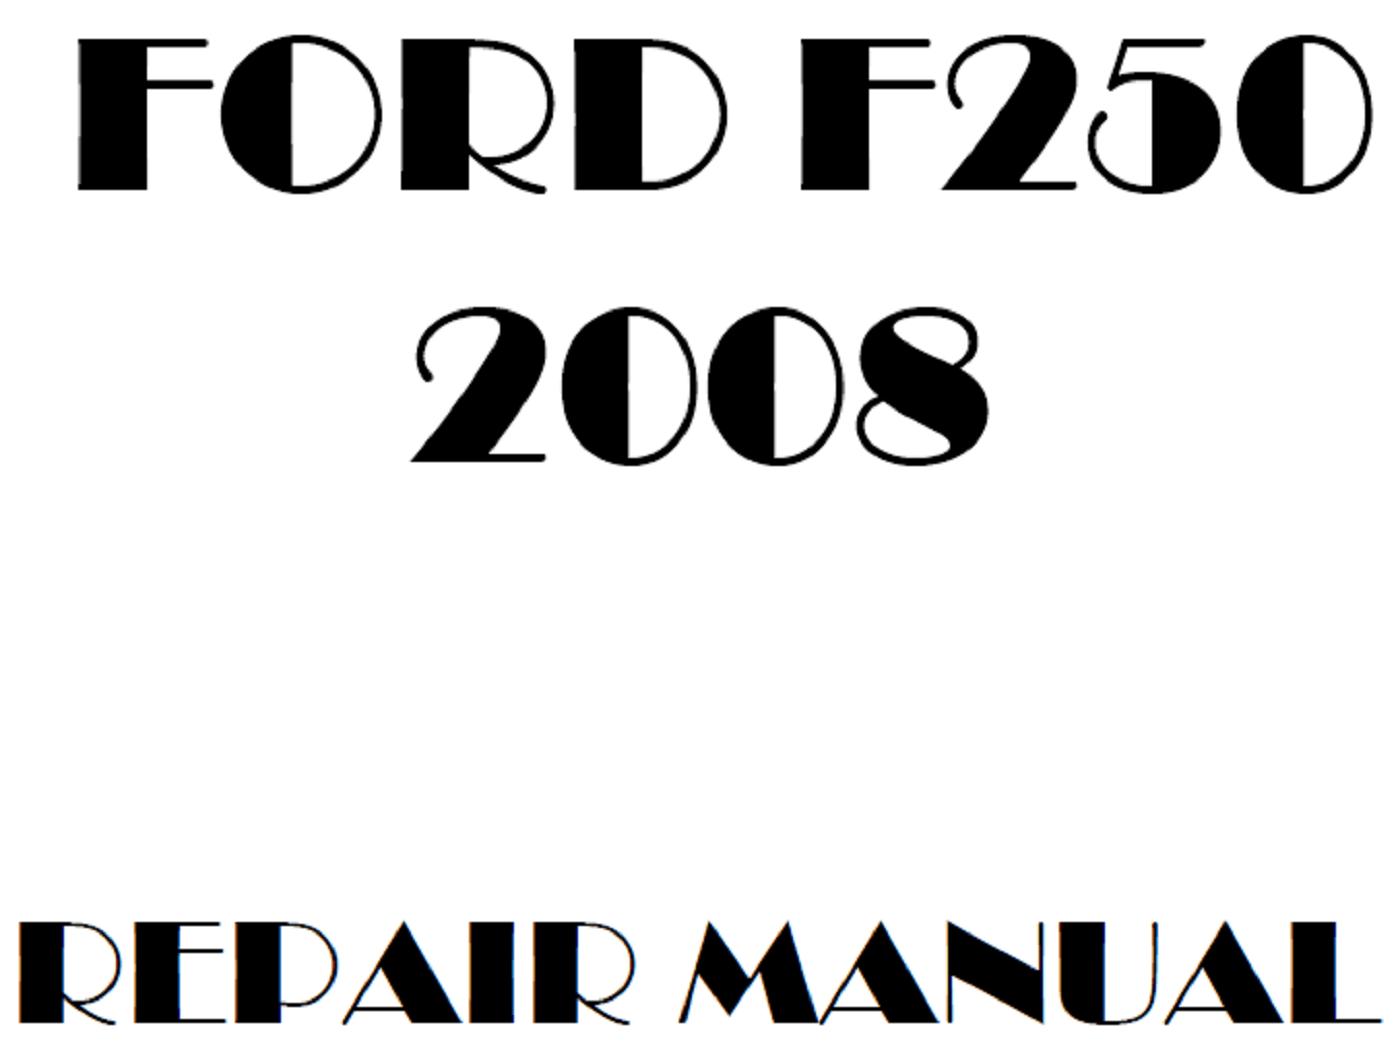 2008 Ford F250 F350 F450 F550 repair manual